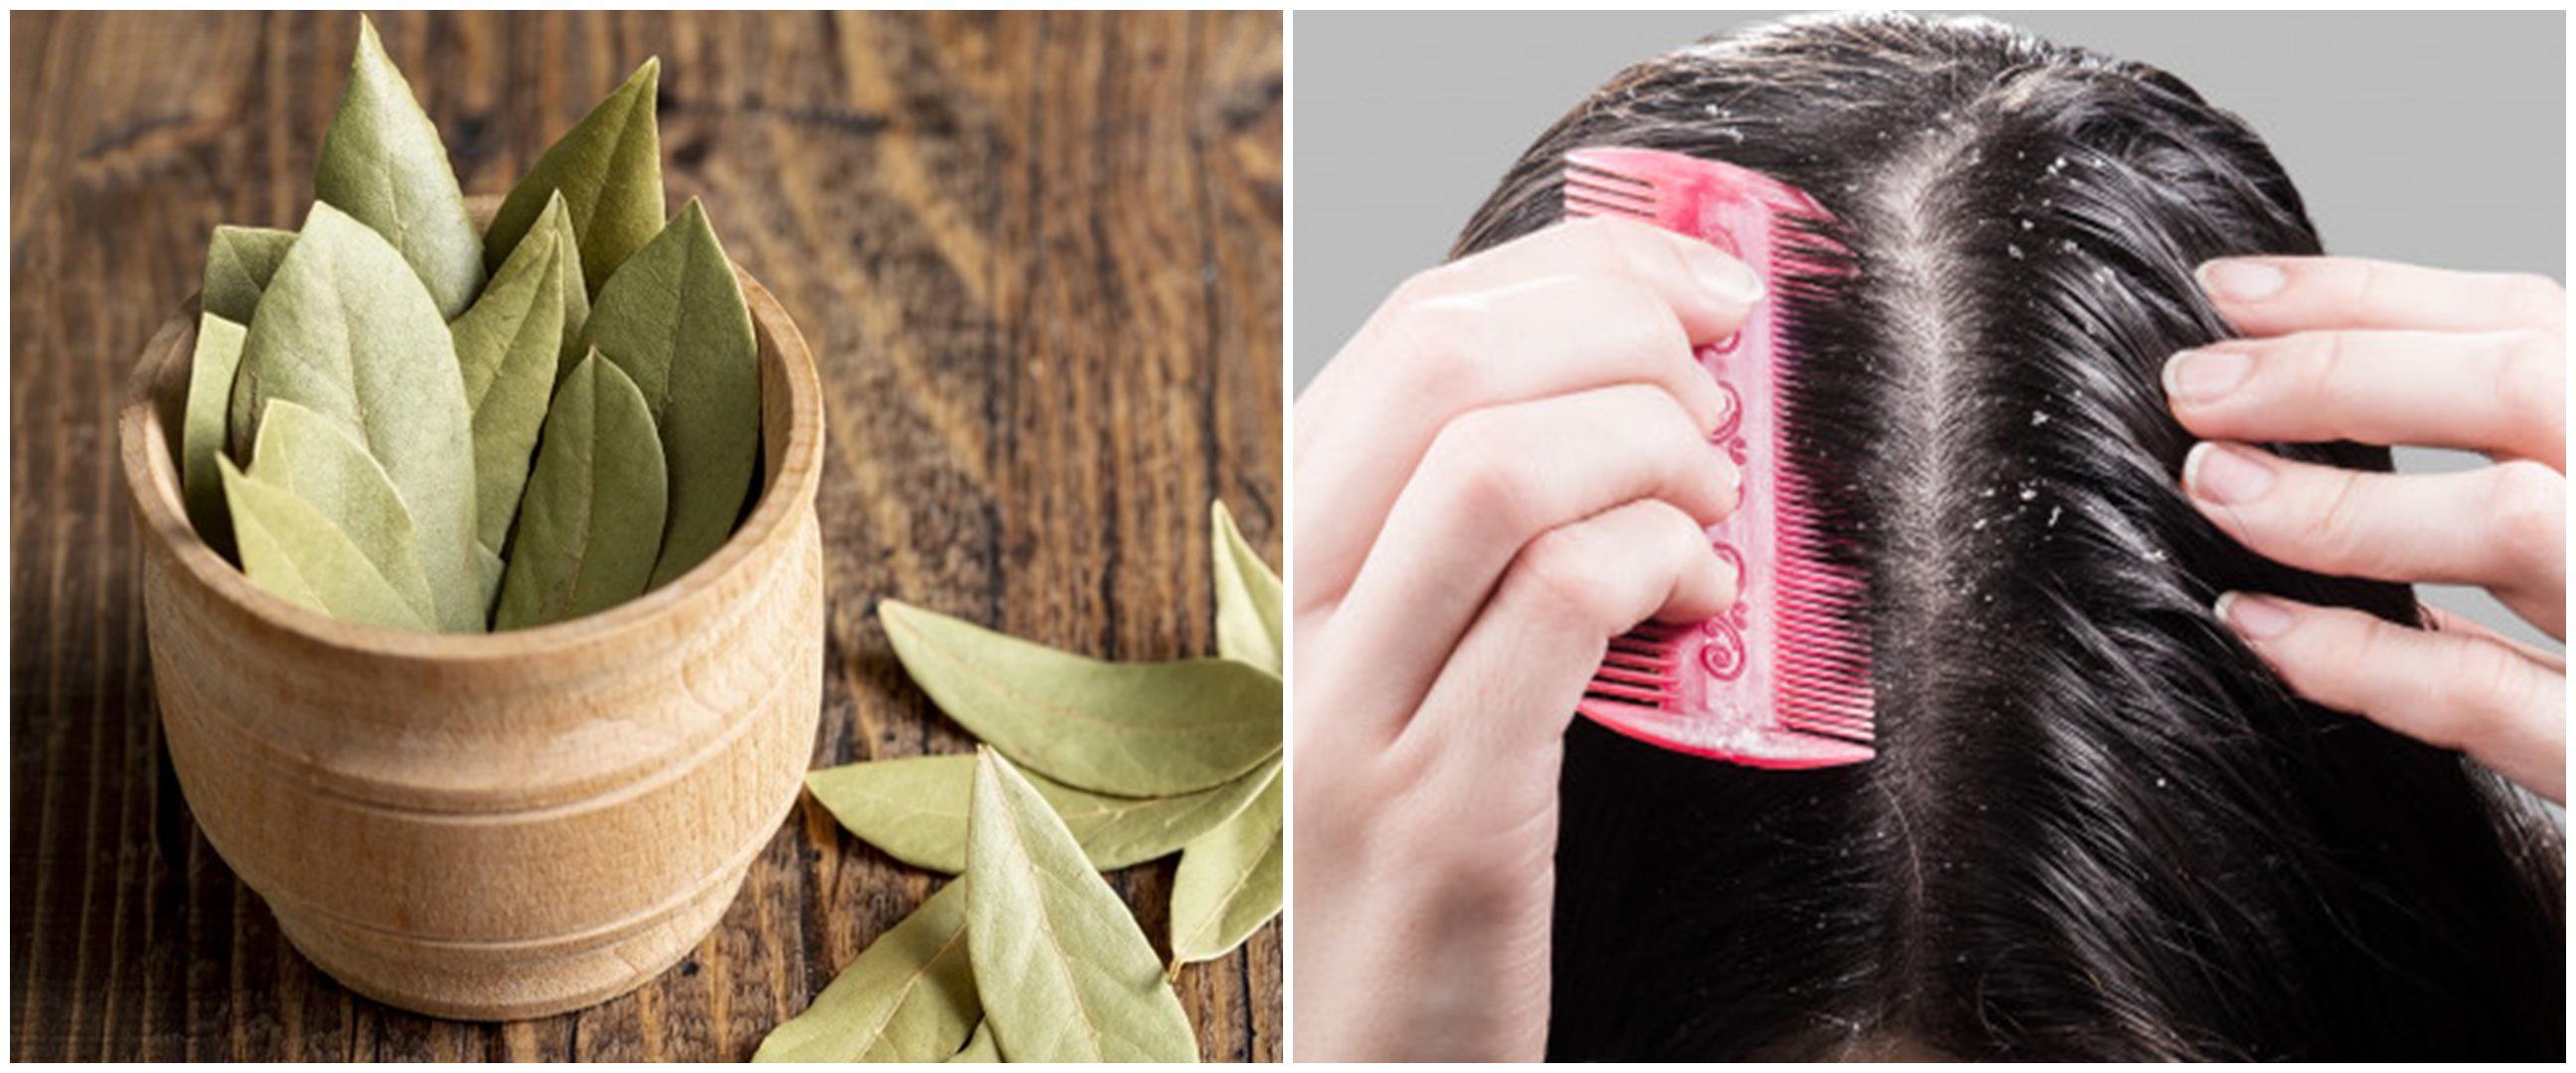 6 Manfaat daun salam untuk kecantikan, atasi ketombe